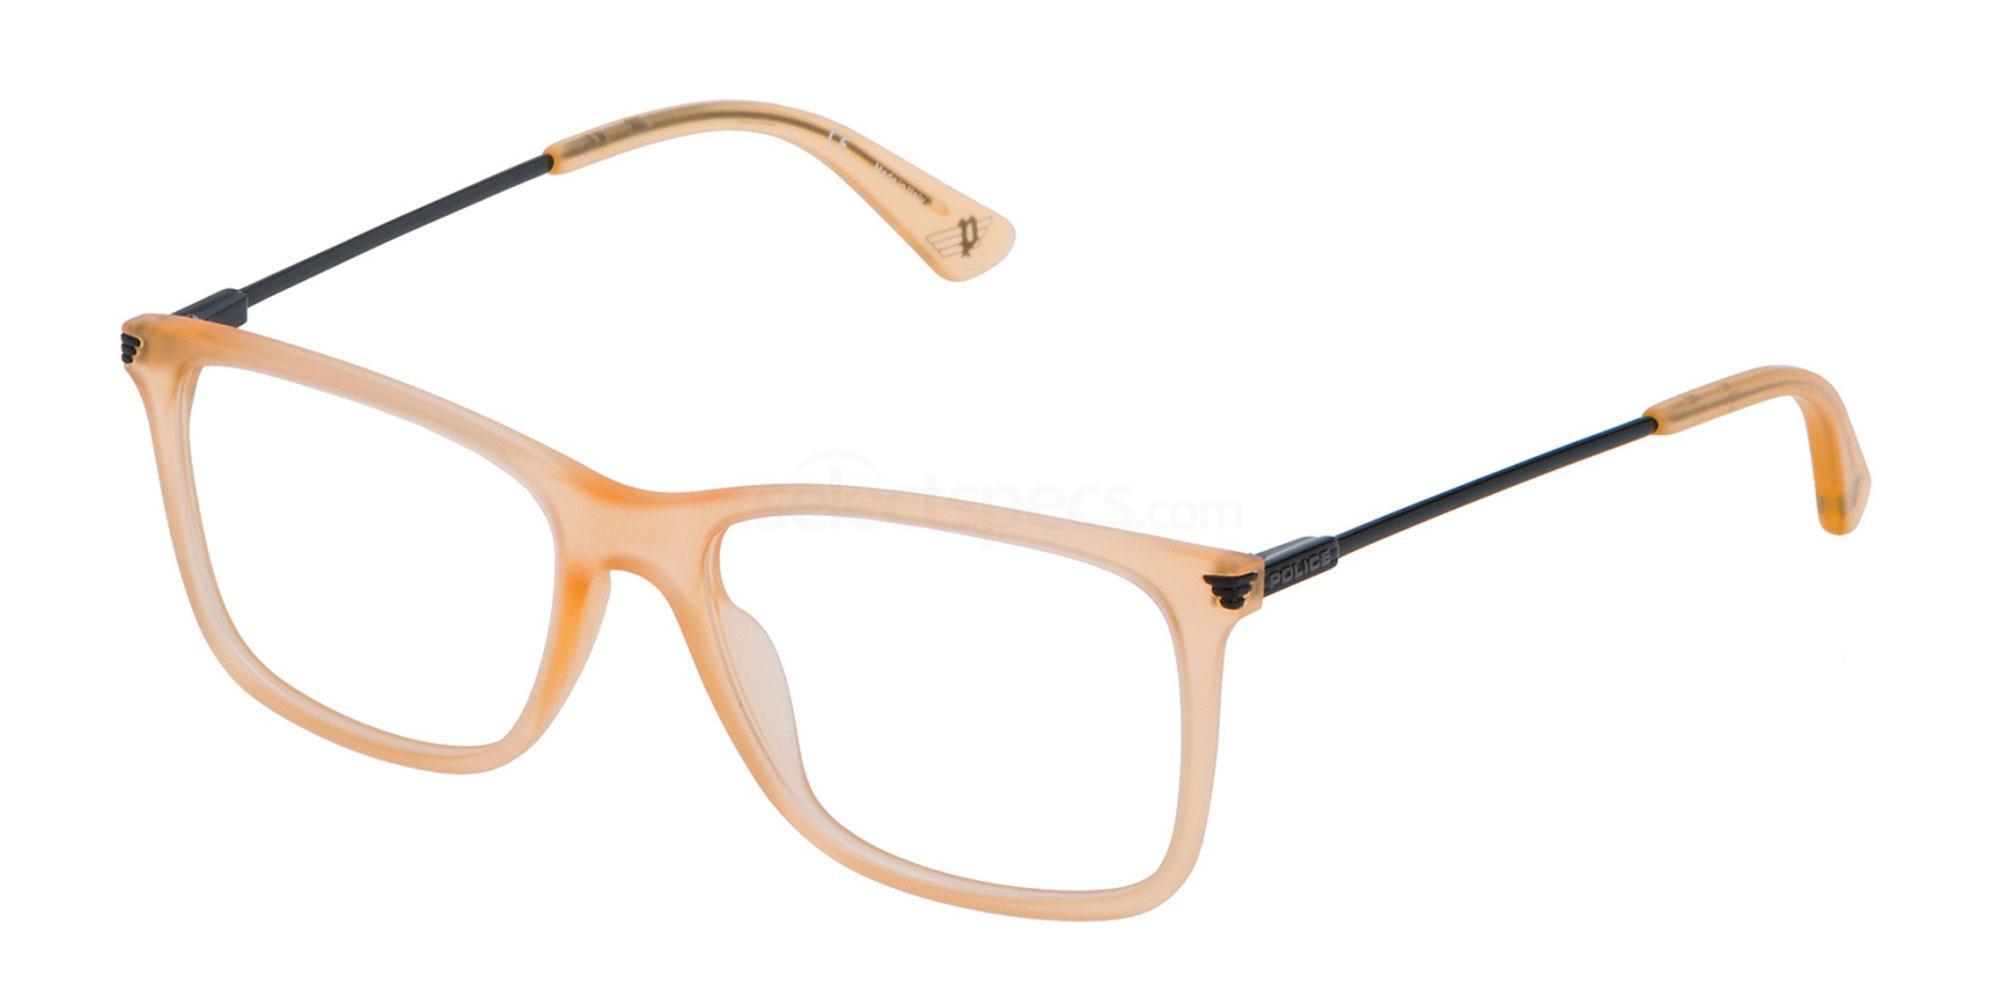 858M VPL563 Glasses, Police